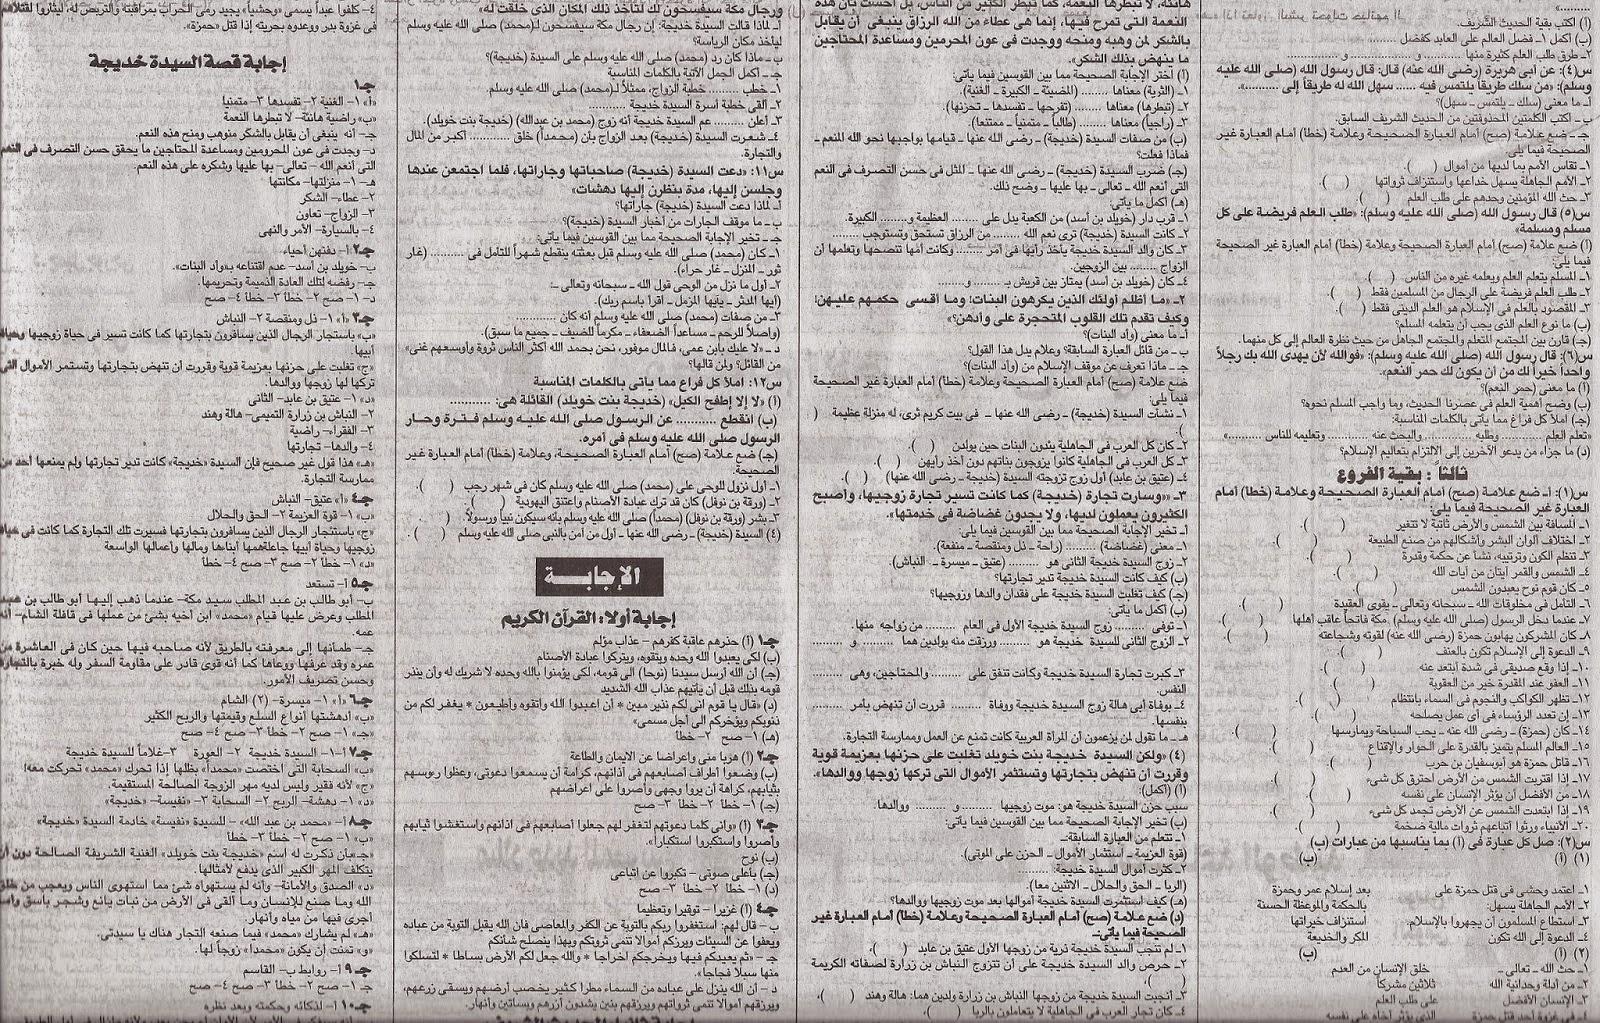 كل مراجعات ملاحق الجمهورية للترم الأول 2015 للشهادة الإبتدائية المنهاج المصري scan0121.jpg